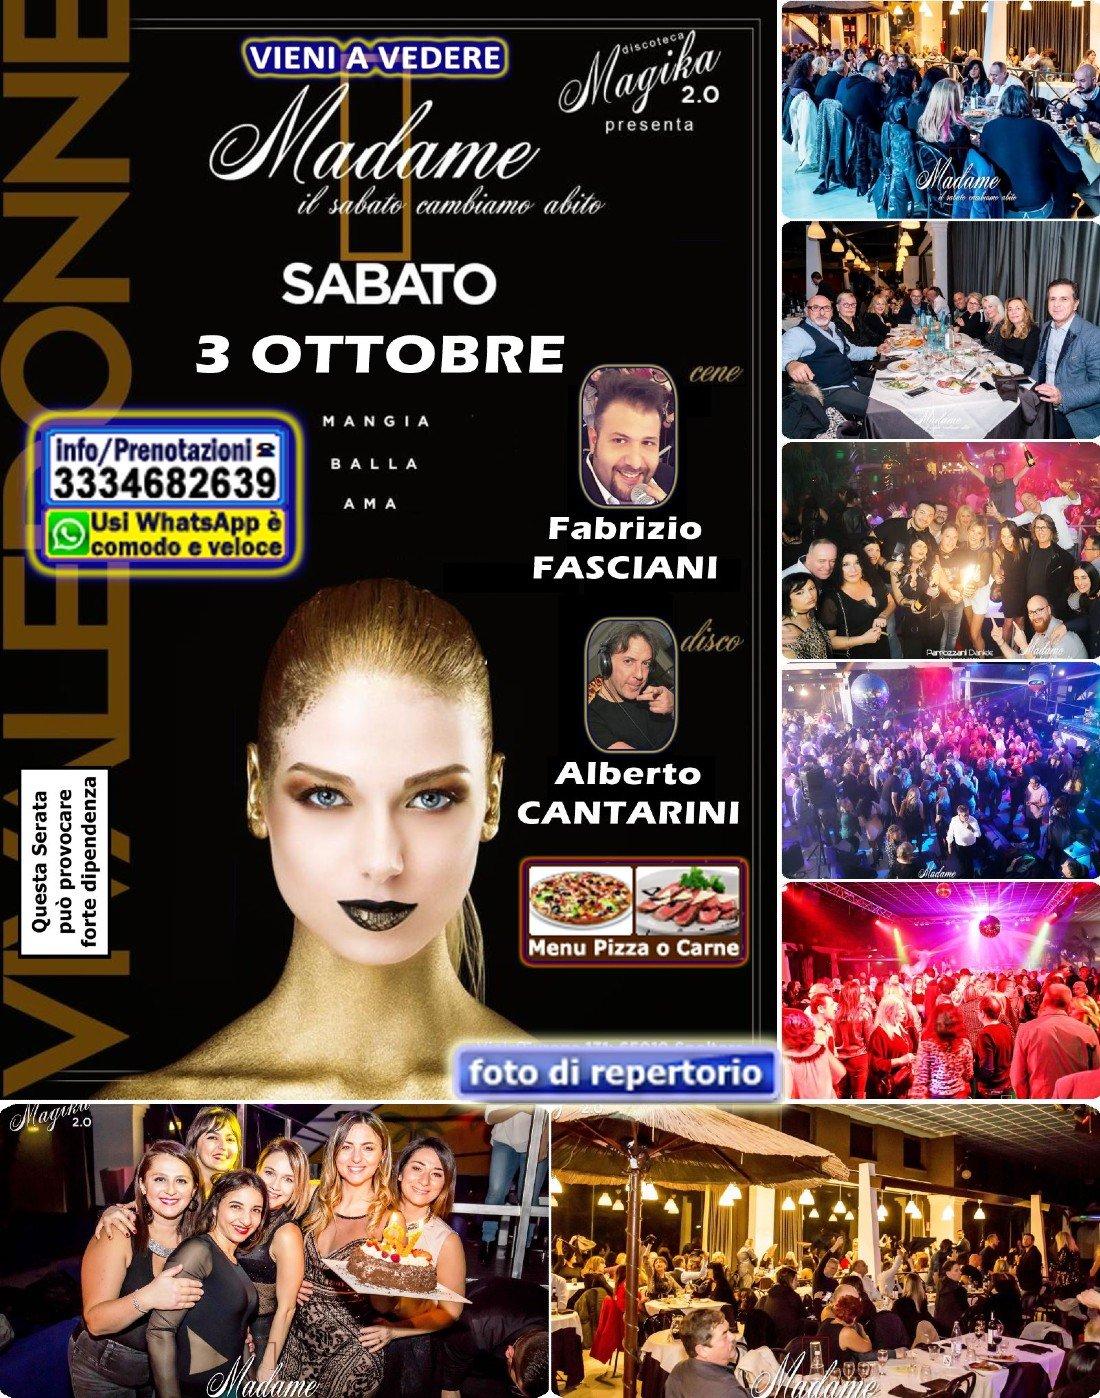 Sabato Magika la Discoteca di Pescara Serata con CENA Musica LIVE DISCO anni 90 Locale grande | Event in Pescara